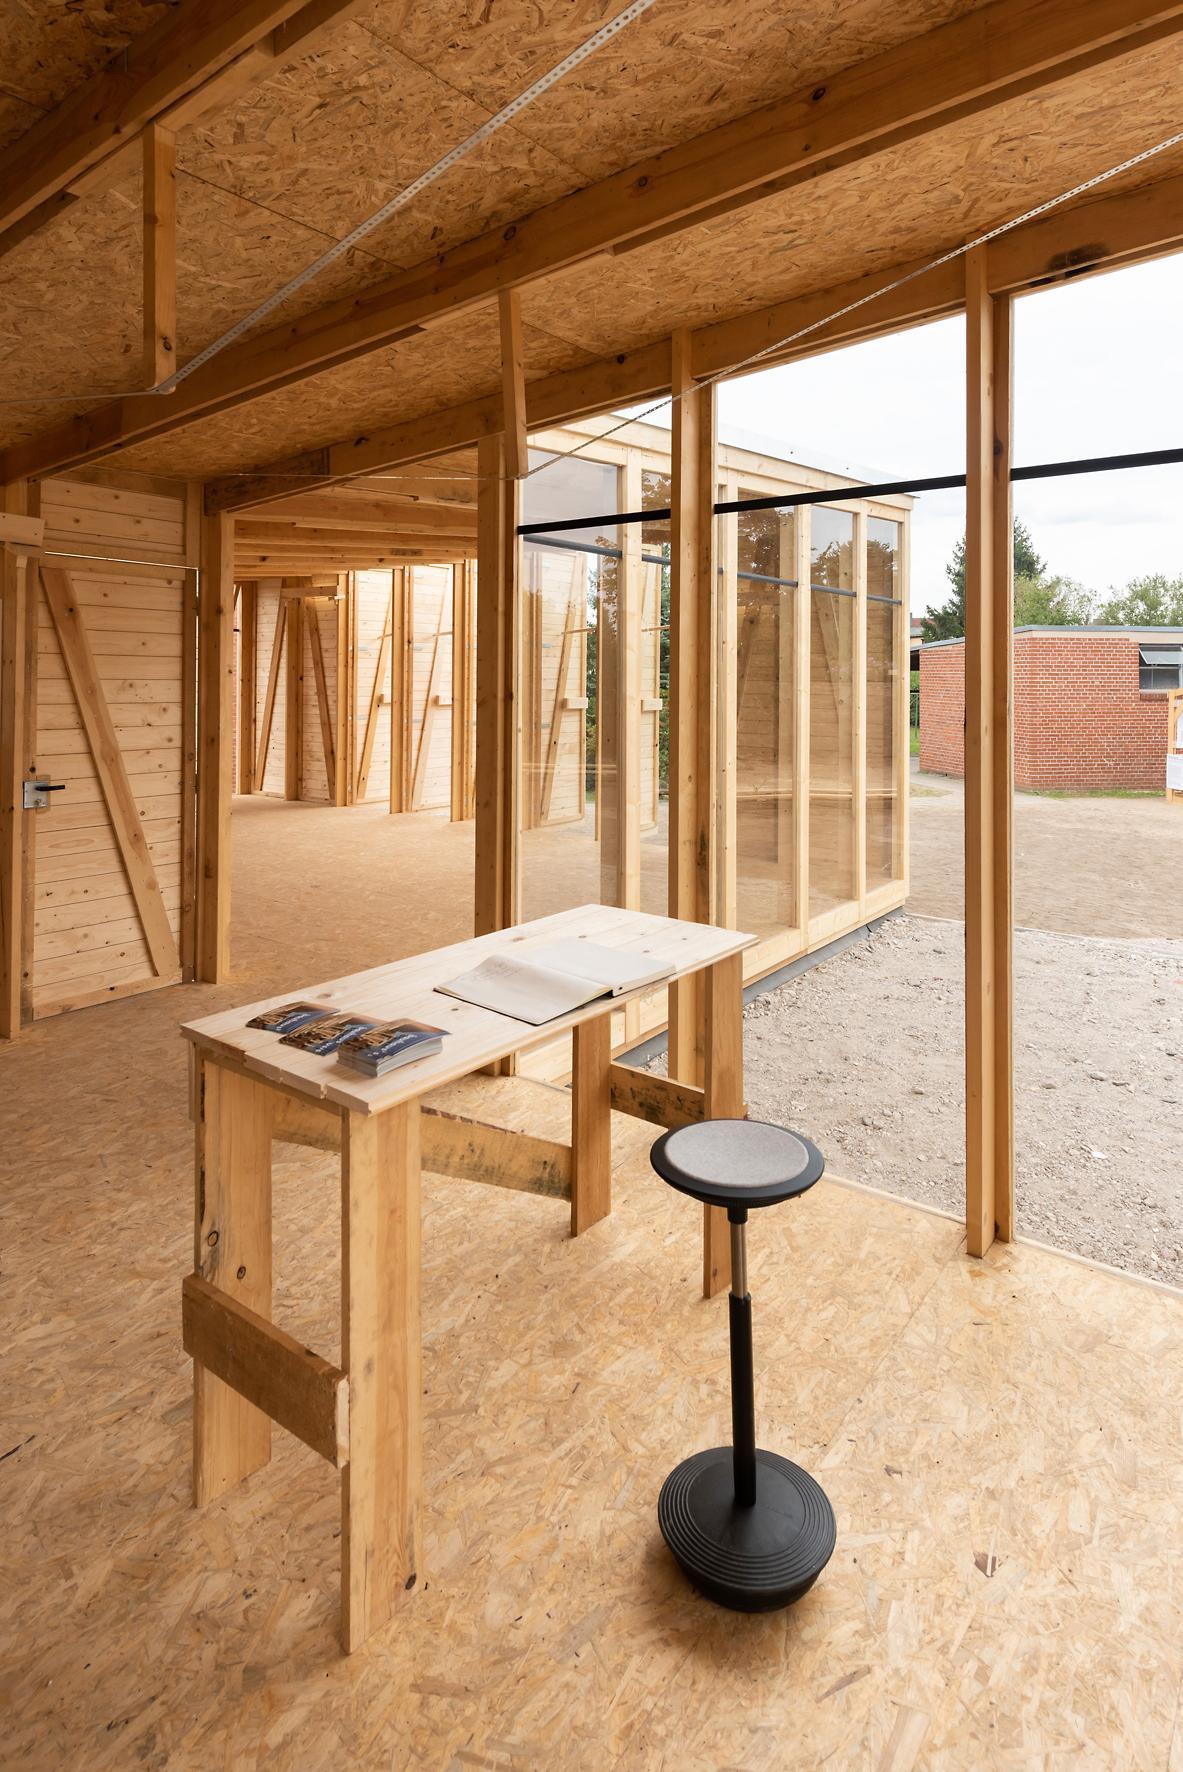 Freiraum für gute Ideen im Hilberseimer-Haus in Dessau. Abbildung: Christoph Petras